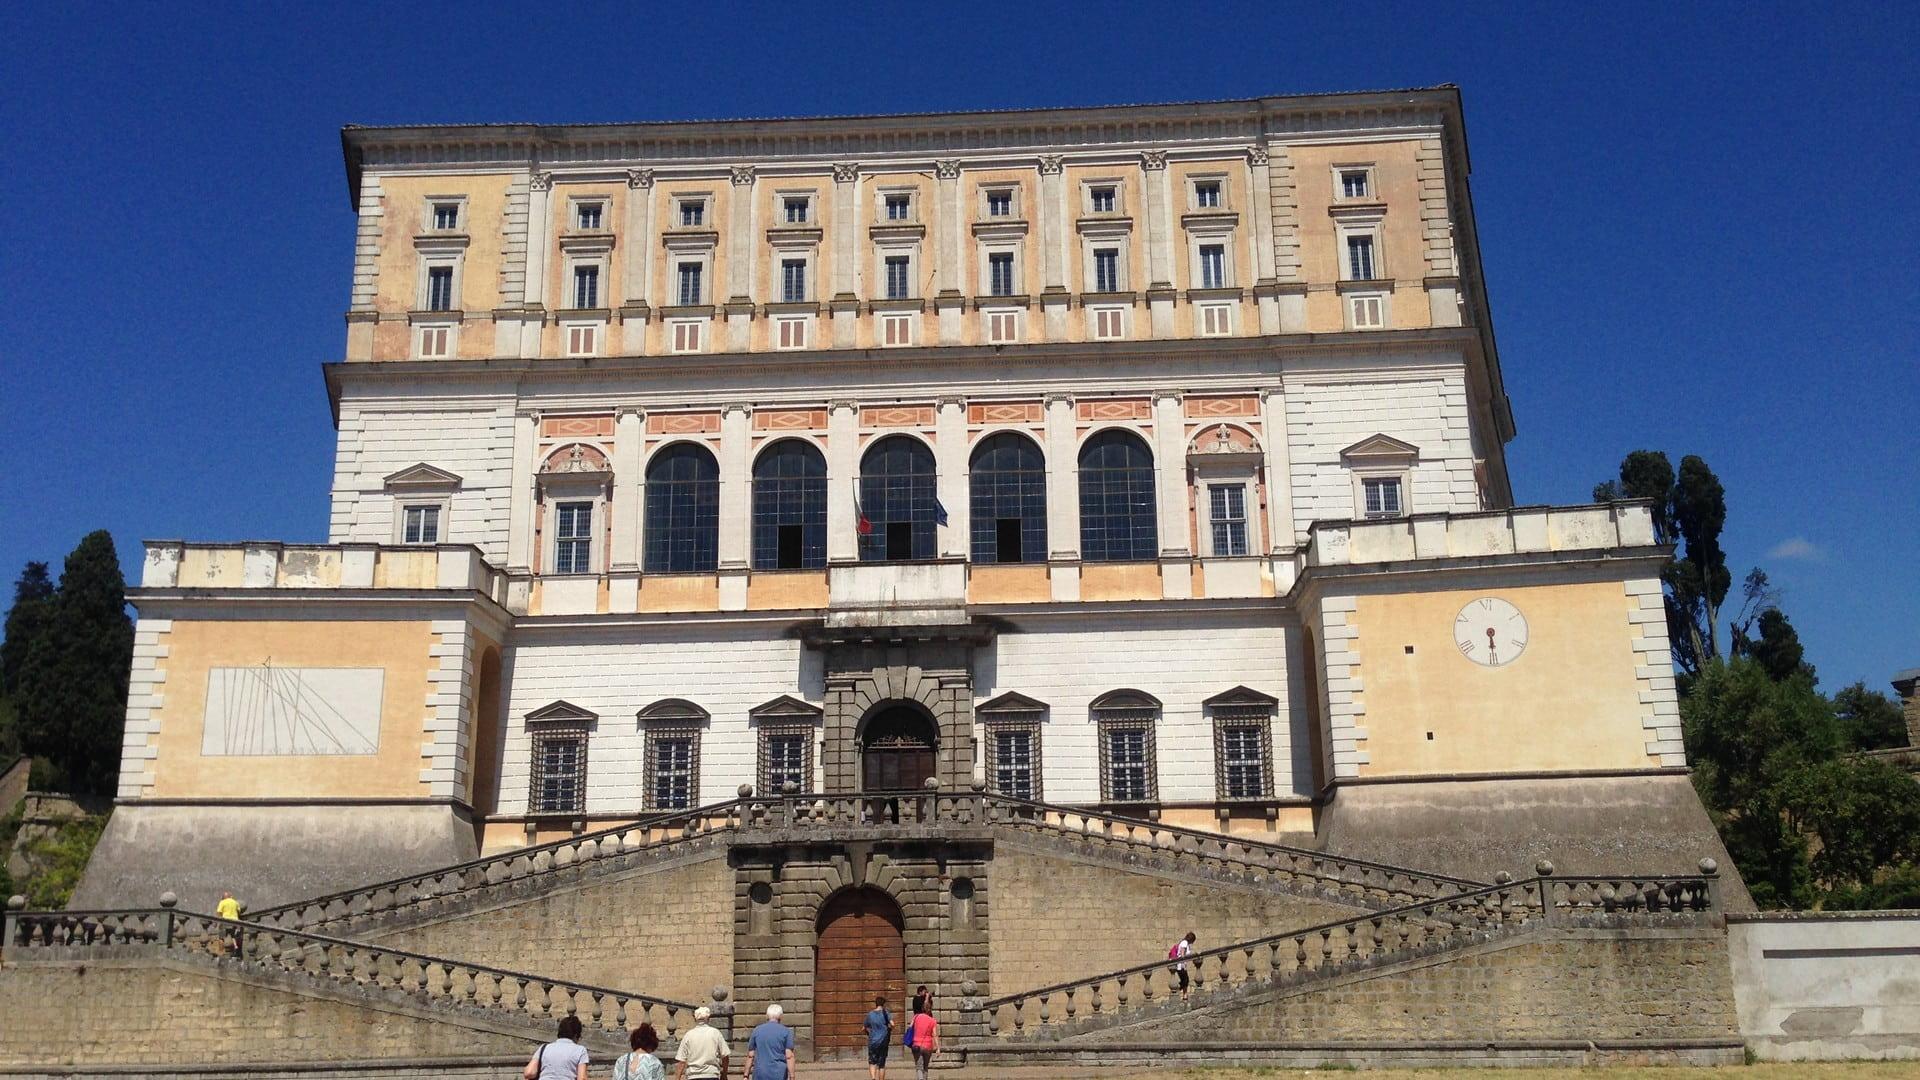 L'imponente Palazzo Farnese a Caprarola di cui spiccano la meridiana sulla sinistra e la grande scalinata a due rampe che accompagna al portone d'ingresso della struttura.